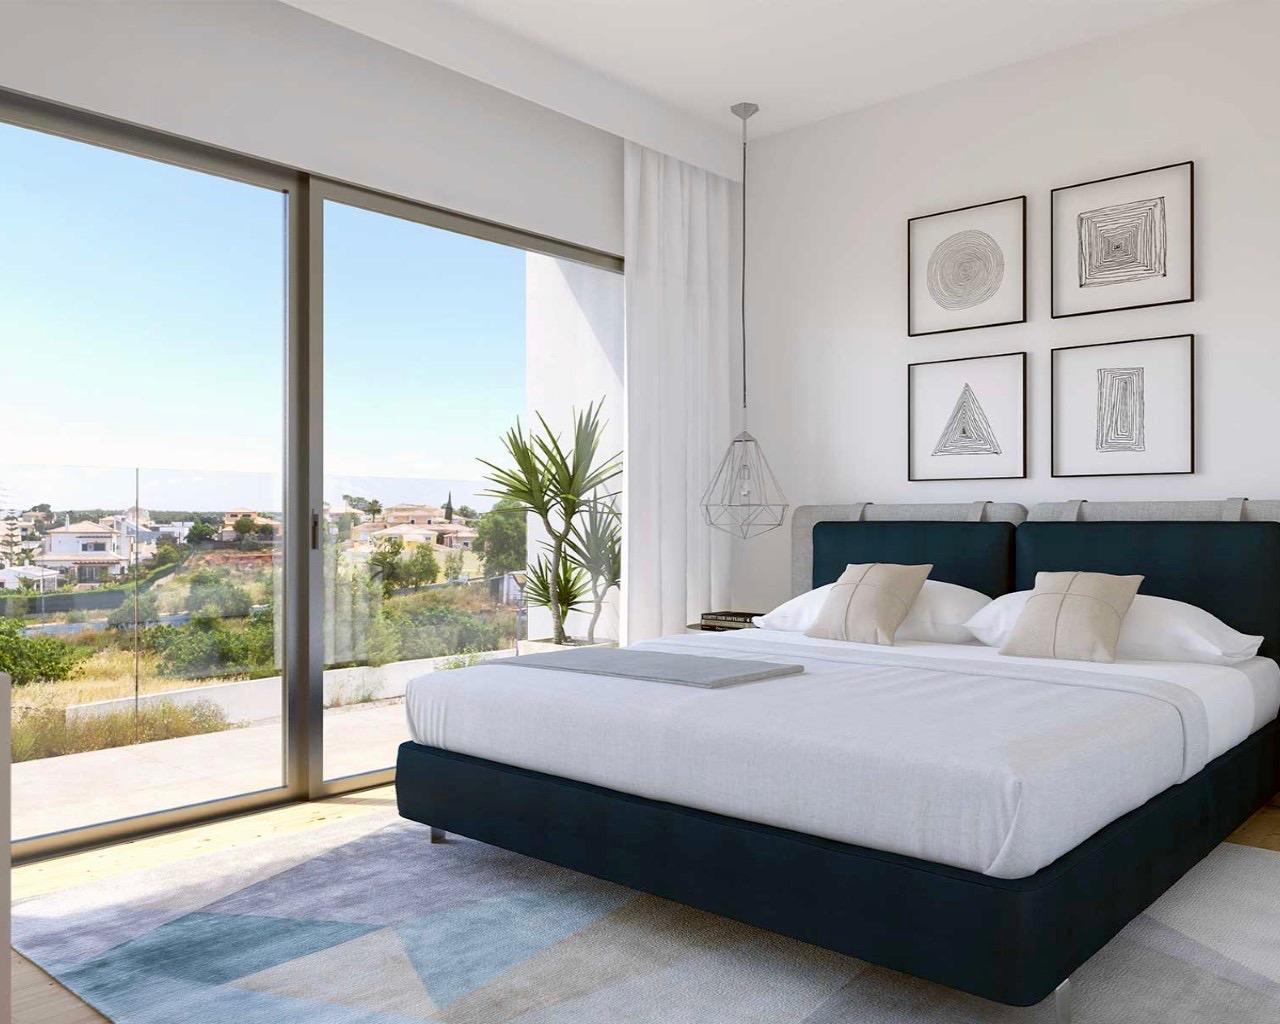 Photos Maison contemporaine de 3 chambres dans un condominium fermé à Ferragudo